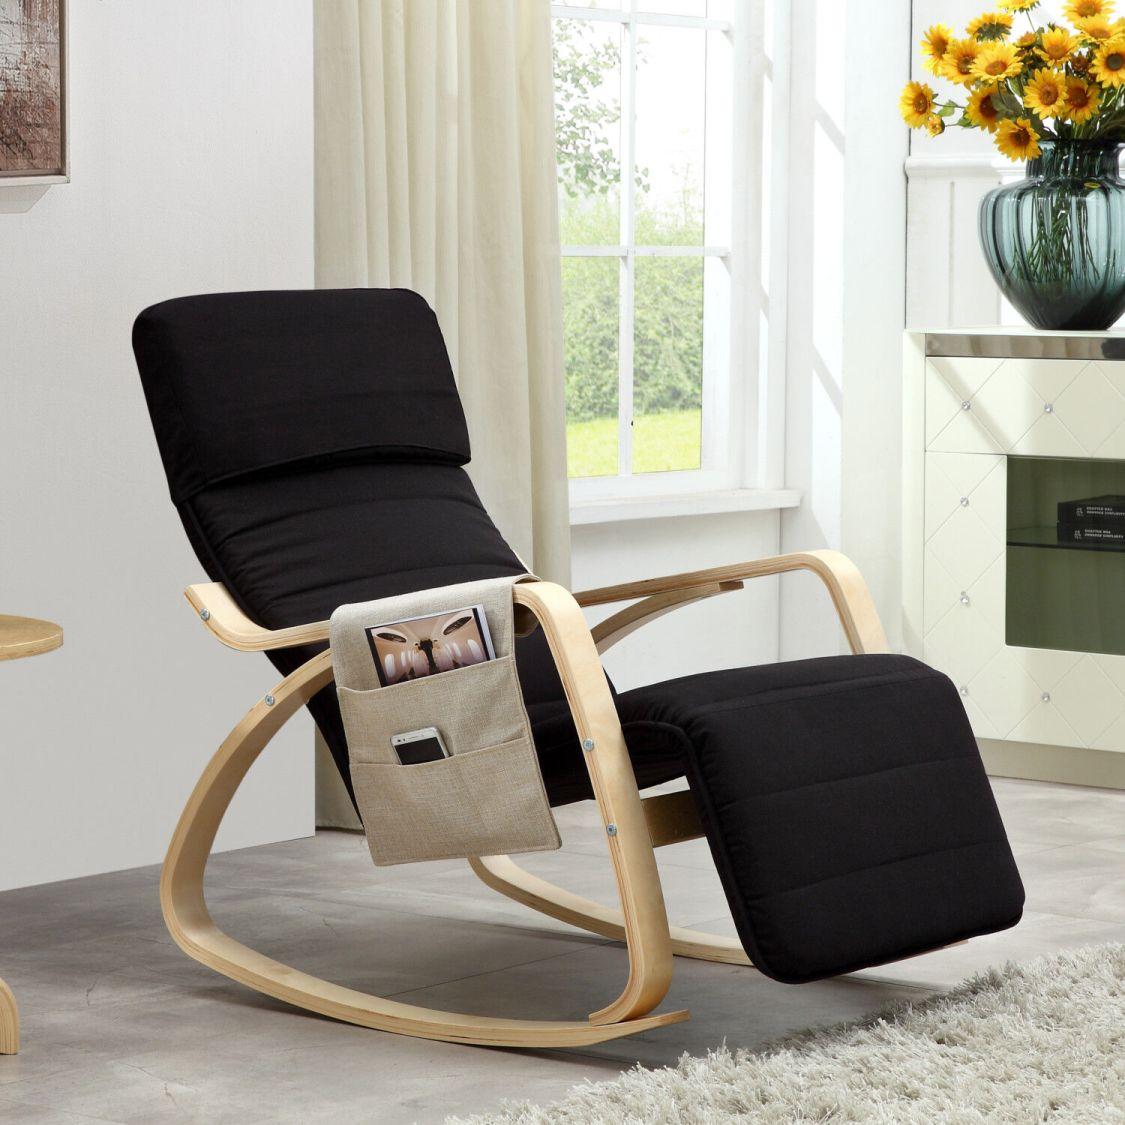 Relaxstuhl Schwingsessel Schwingstuhl Schaukelstuhl Stuhl Stühle Schwarz